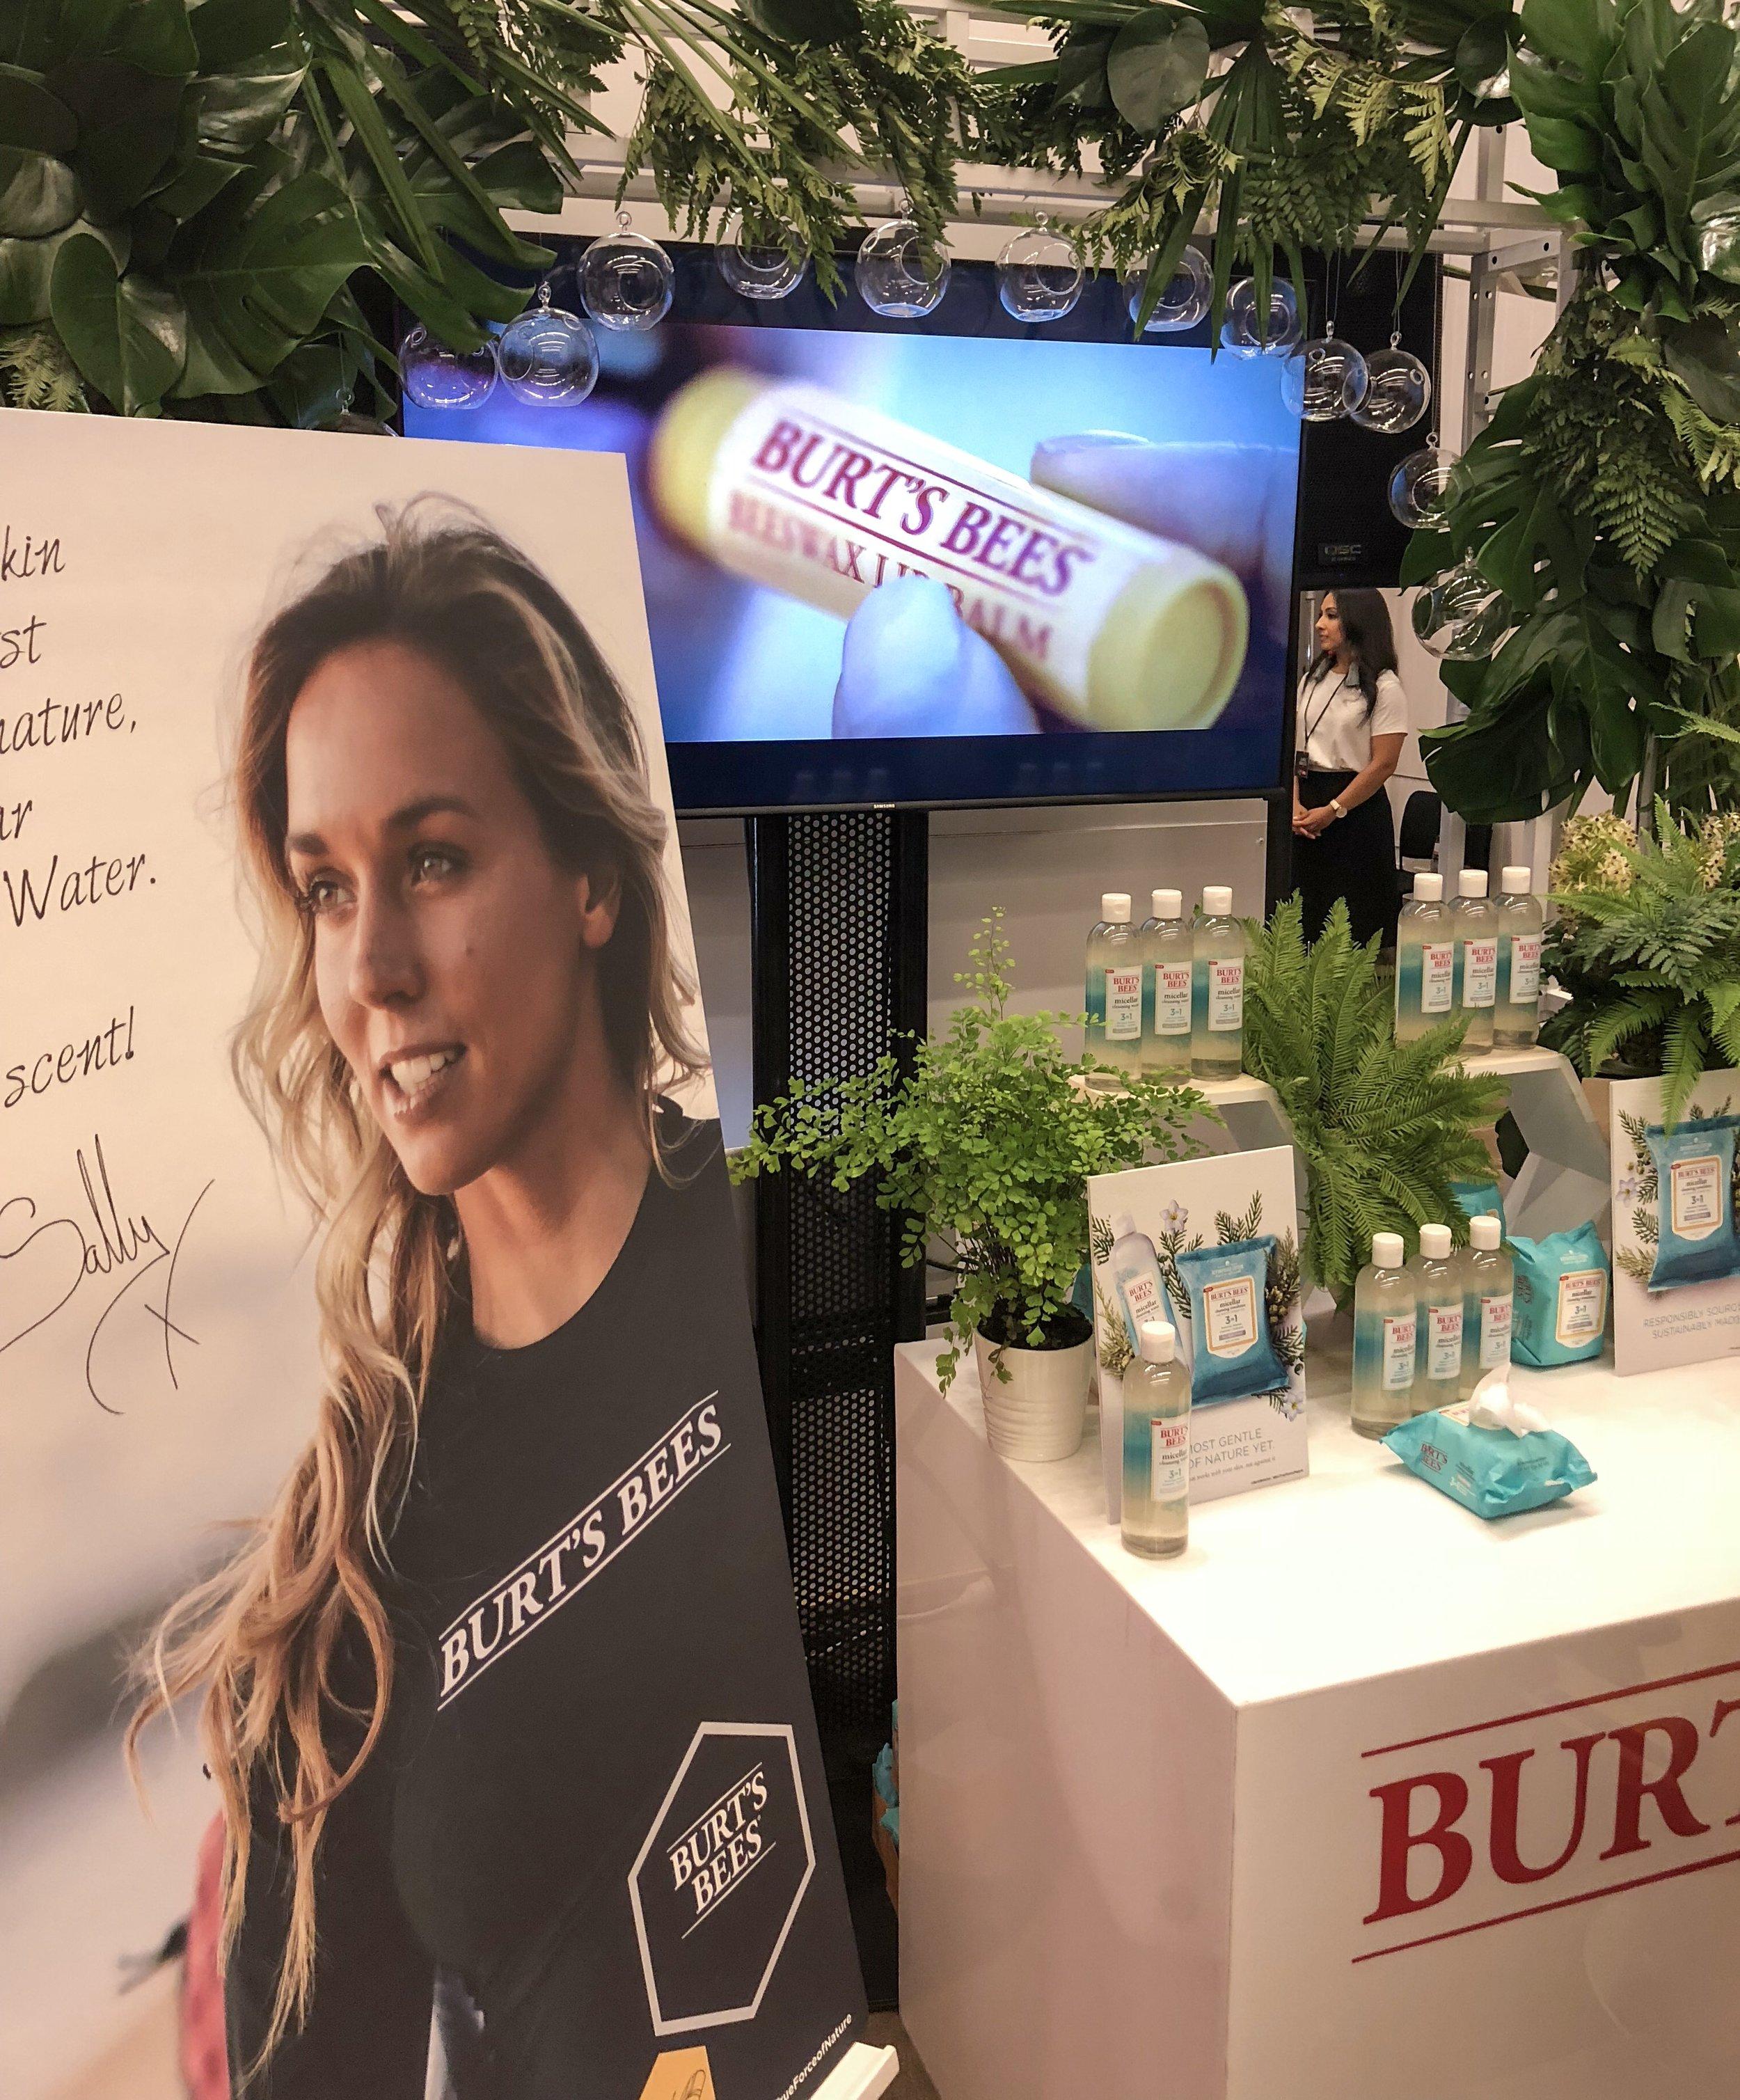 Priceline Beauty Prescription Live 2018 Event Recap